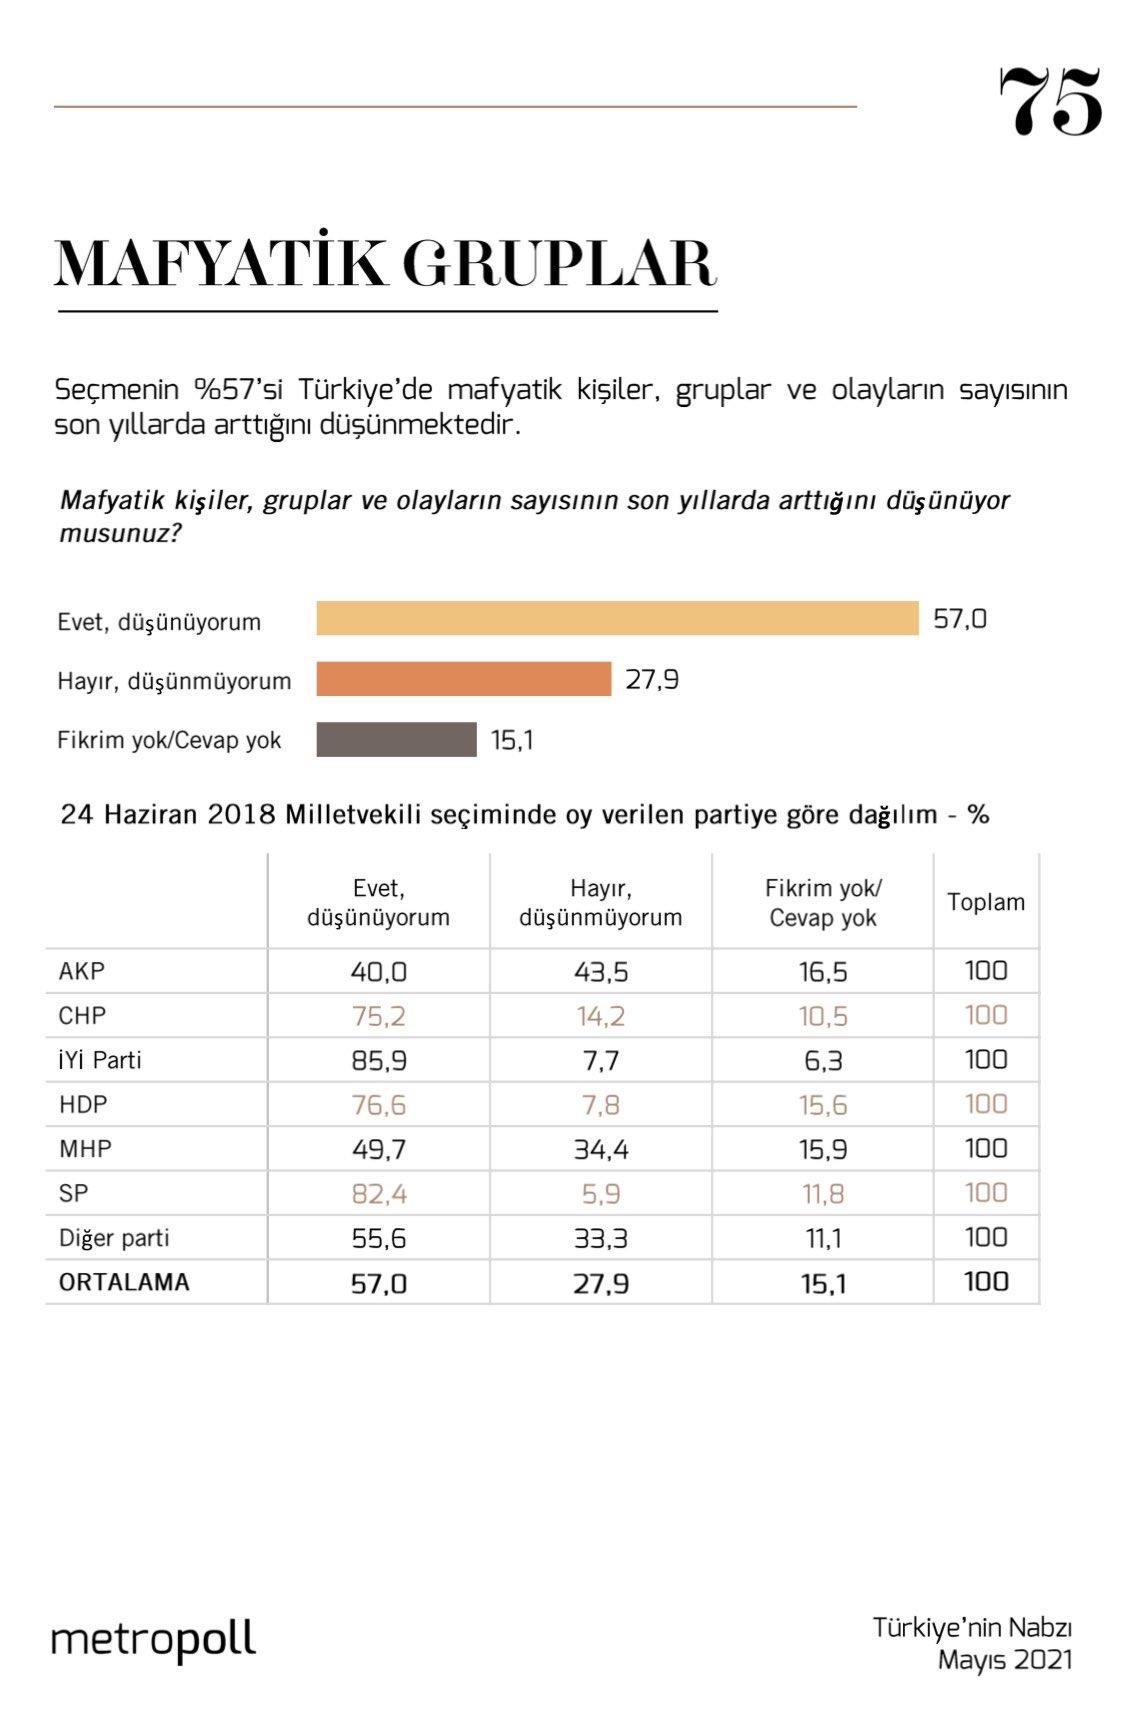 <p>Ankete göre, seçmenin yüzde 57'si Türkiye'de mafyatik kişiler, gruplar ve olayların sayısının son yıllarda arttığını düşünüyor. Seçmenin yüzde 61'i mafya örgütlerinin birileri tarafından korunup kollandığı fikrini beyan etti. Bu oran yüzde 85 ile en çok İYİ Parti tabanında ölçüldü.<br></p>